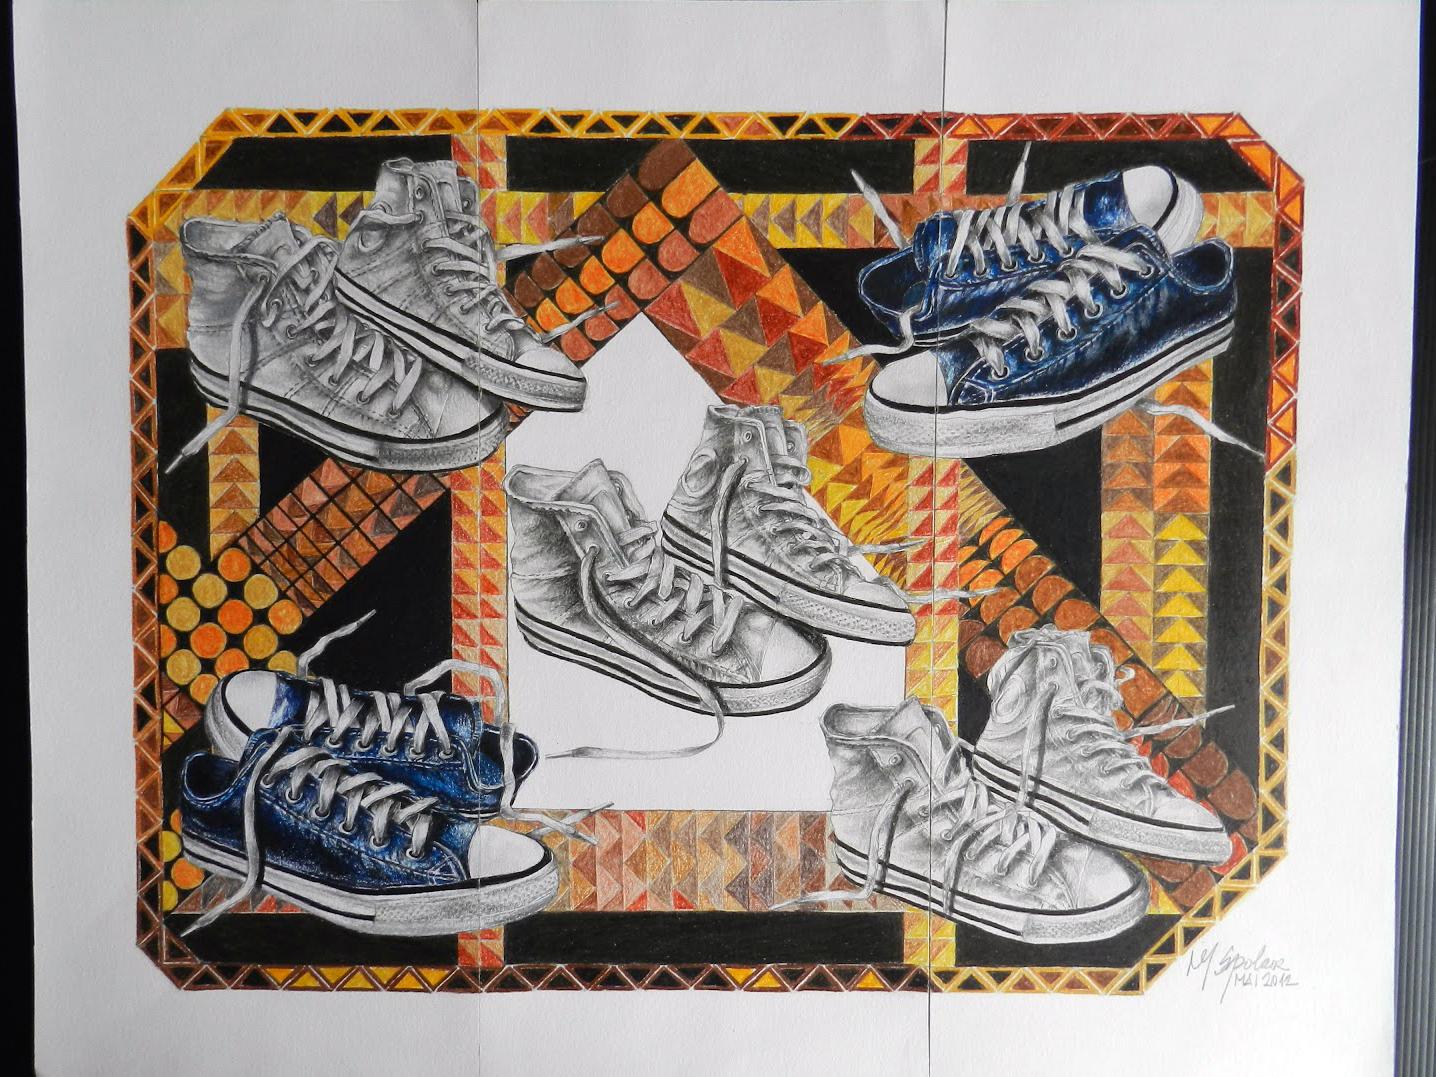 5 tênis em textura colorida